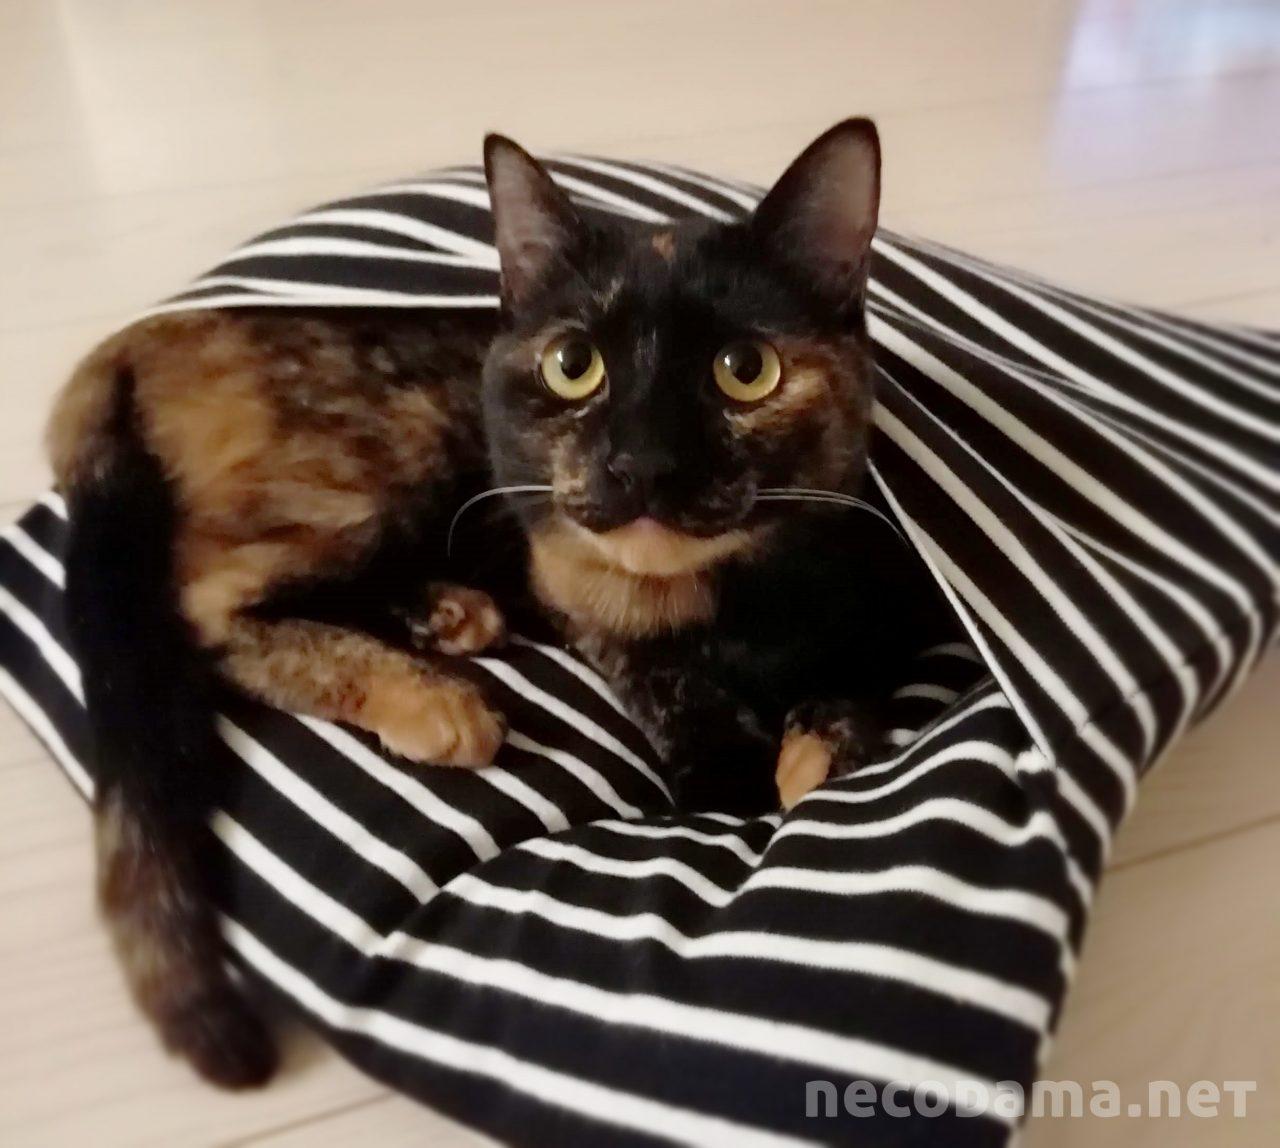 猫1匹飼う費用はいくら?毎月と年間かかる費用